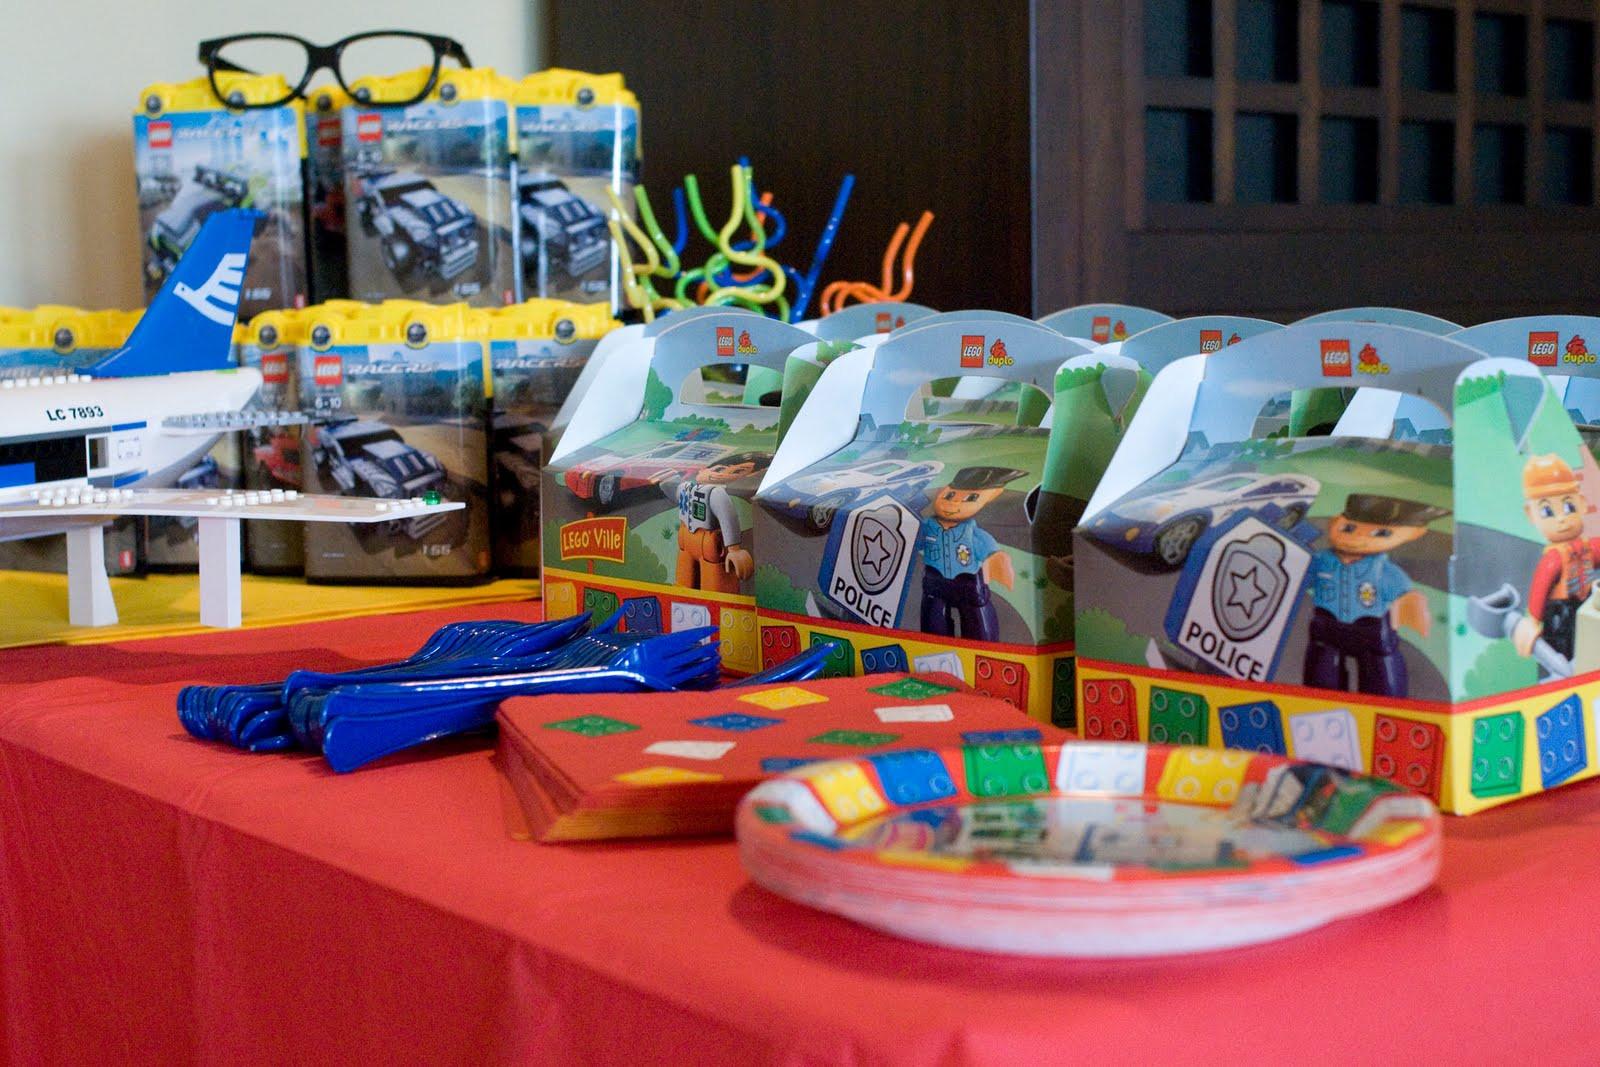 Lego Birthday Party Kit  Lego Birthday Party The Polkadot Chair